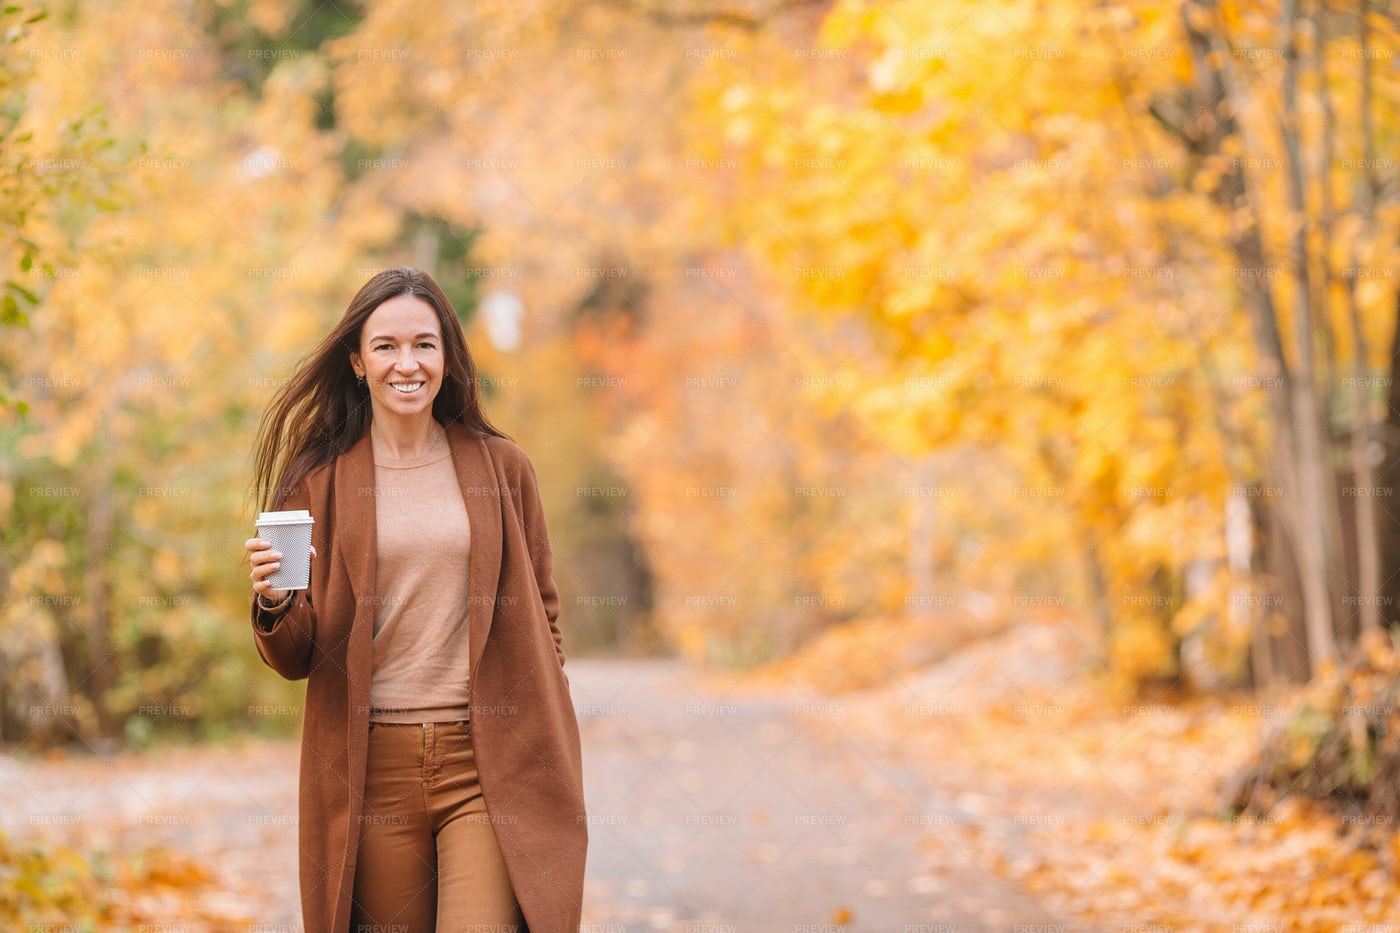 Seasonal Drink In Autumn: Stock Photos